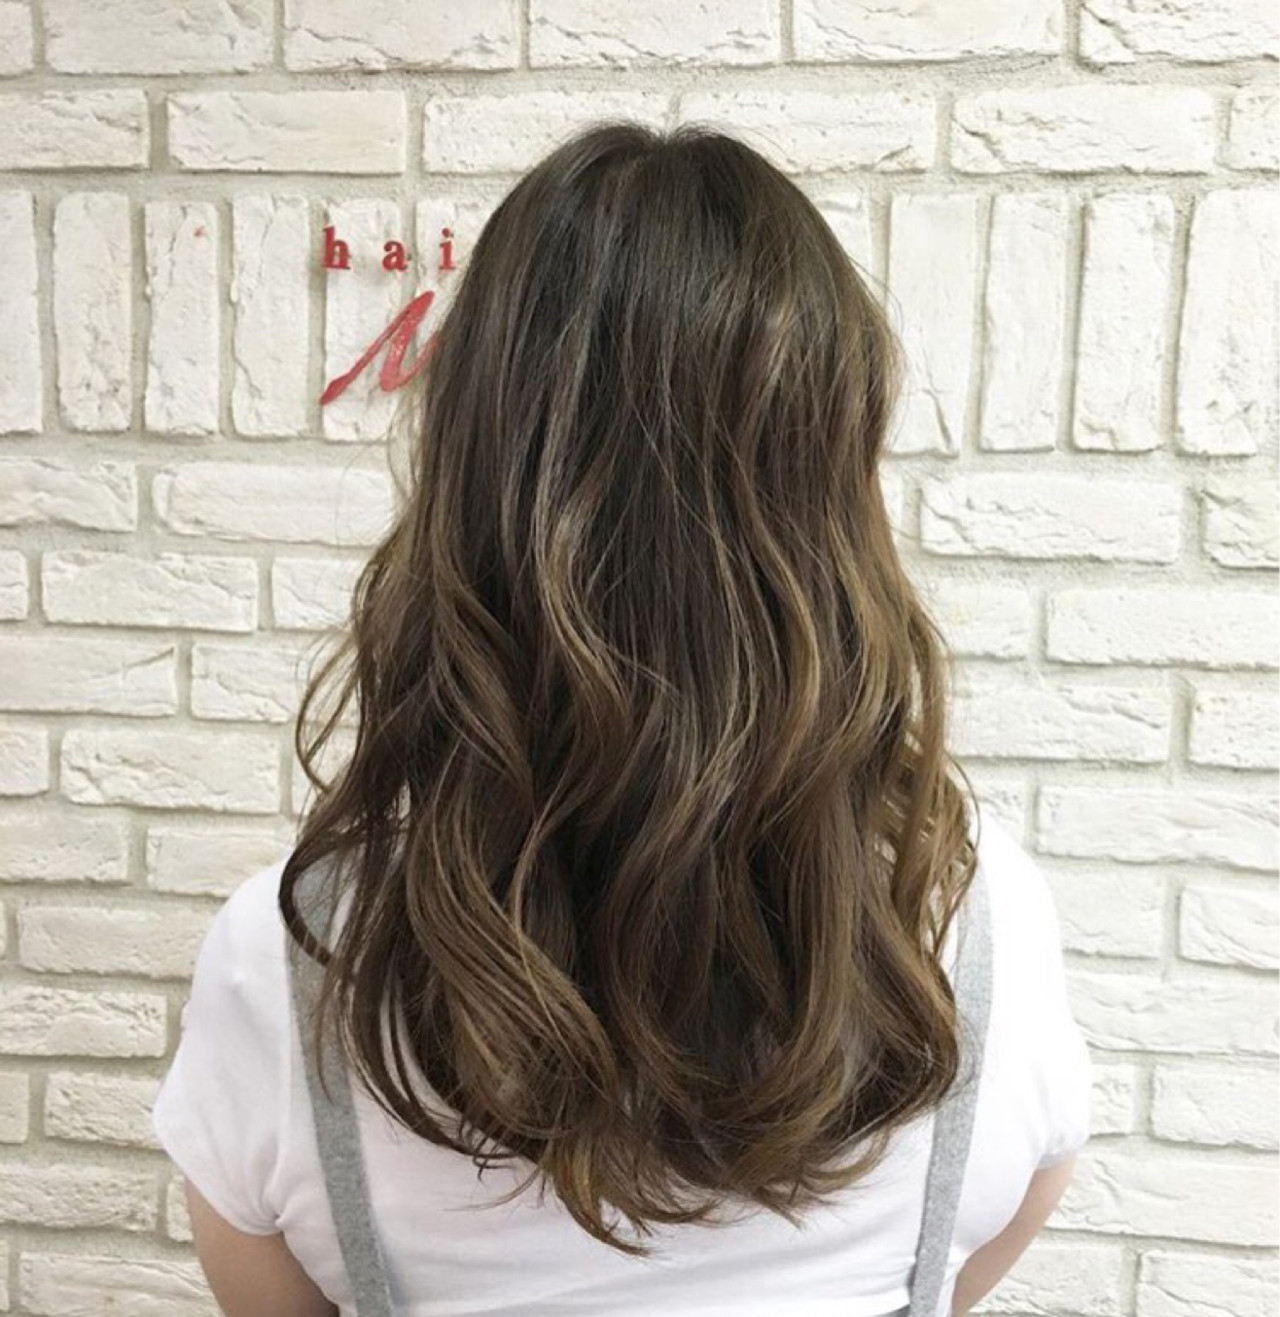 ナチュラル グレージュ イルミナカラー グラデーションカラーヘアスタイルや髪型の写真・画像